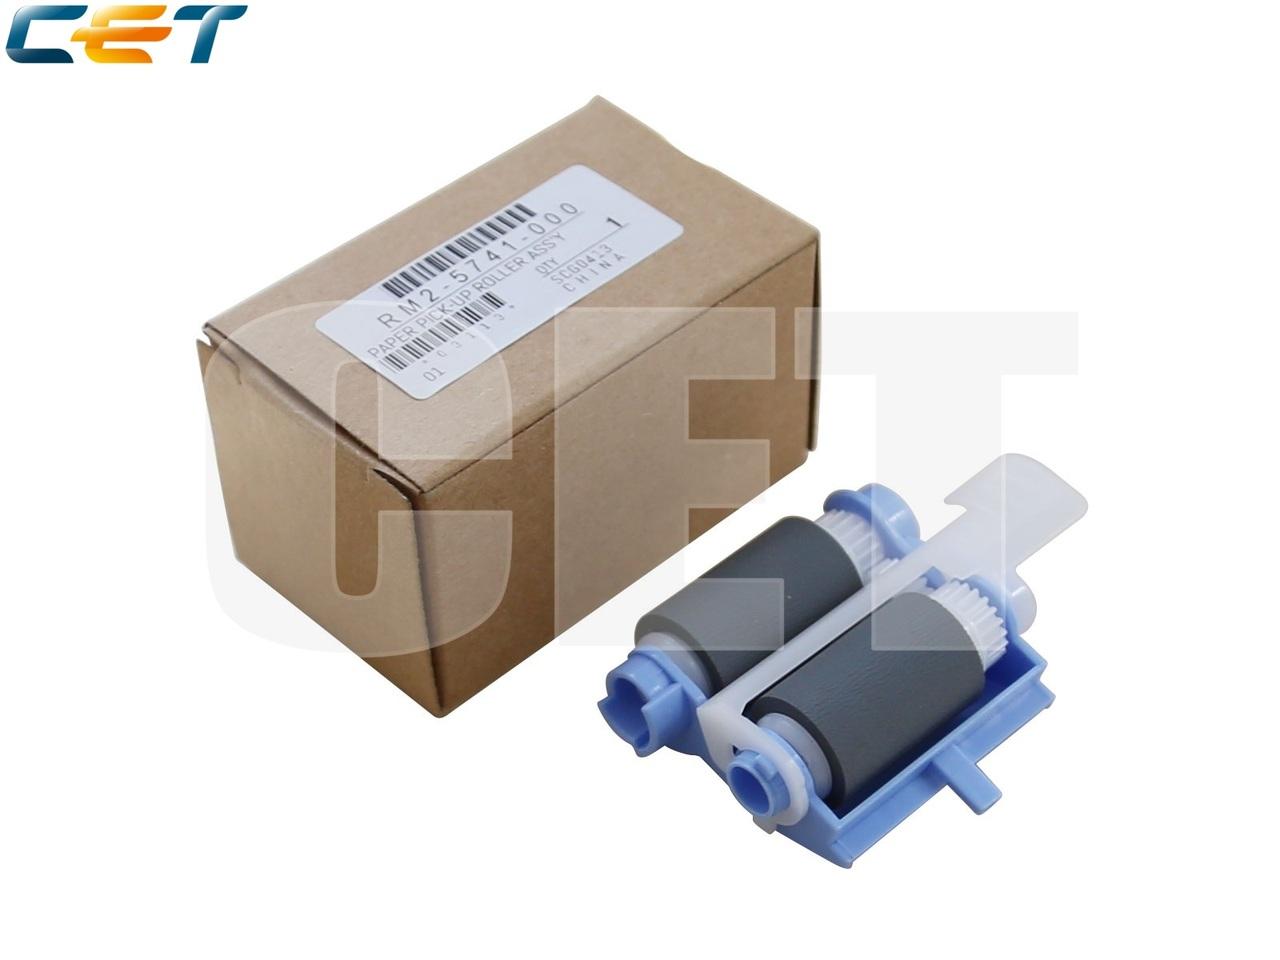 Сборка роликов подхвата RM2-5741-000 для HP LaserJet ProM501/M506/M527 (CET), CET3113, CET3113R